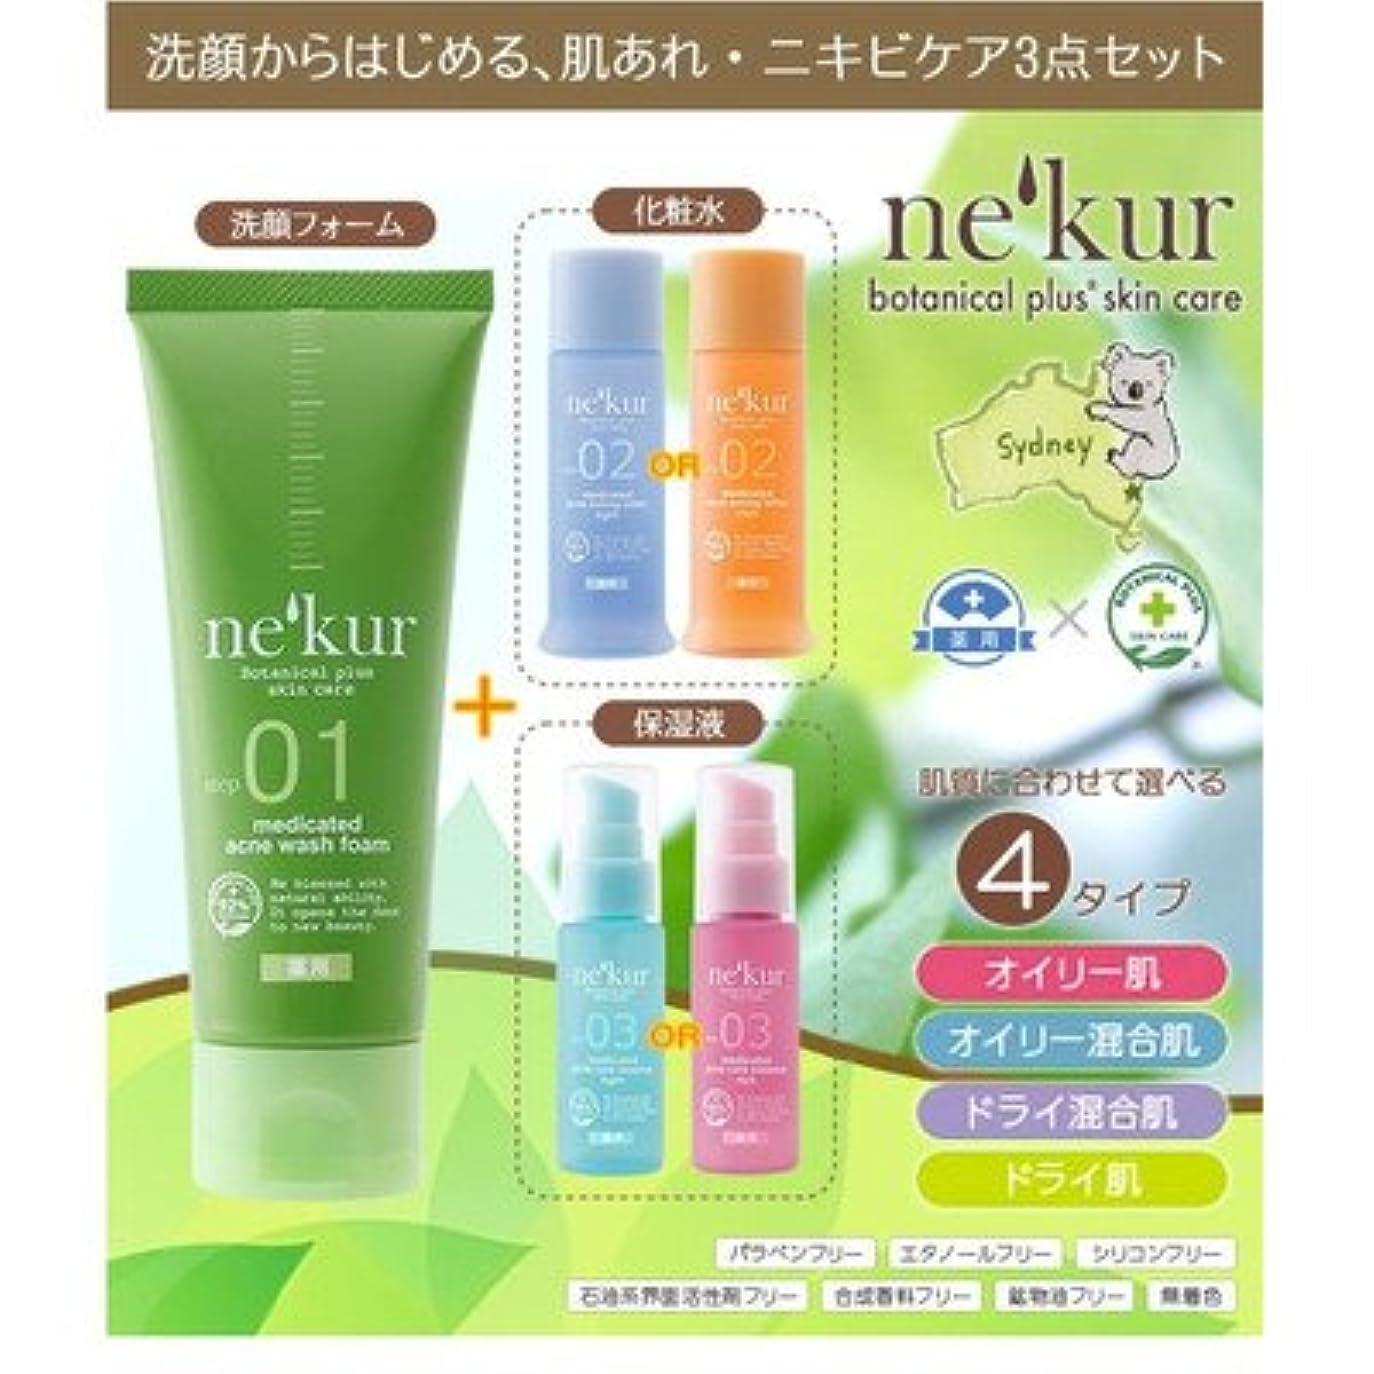 洞察力のあるシャイ権限ネクア(nekur) ボタニカルプラススキンケア 薬用アクネ洗顔3点セット オイリー混合肌セット( 画像はイメージ画像です お届けの商品はオイリー混合肌セットのみとなります)